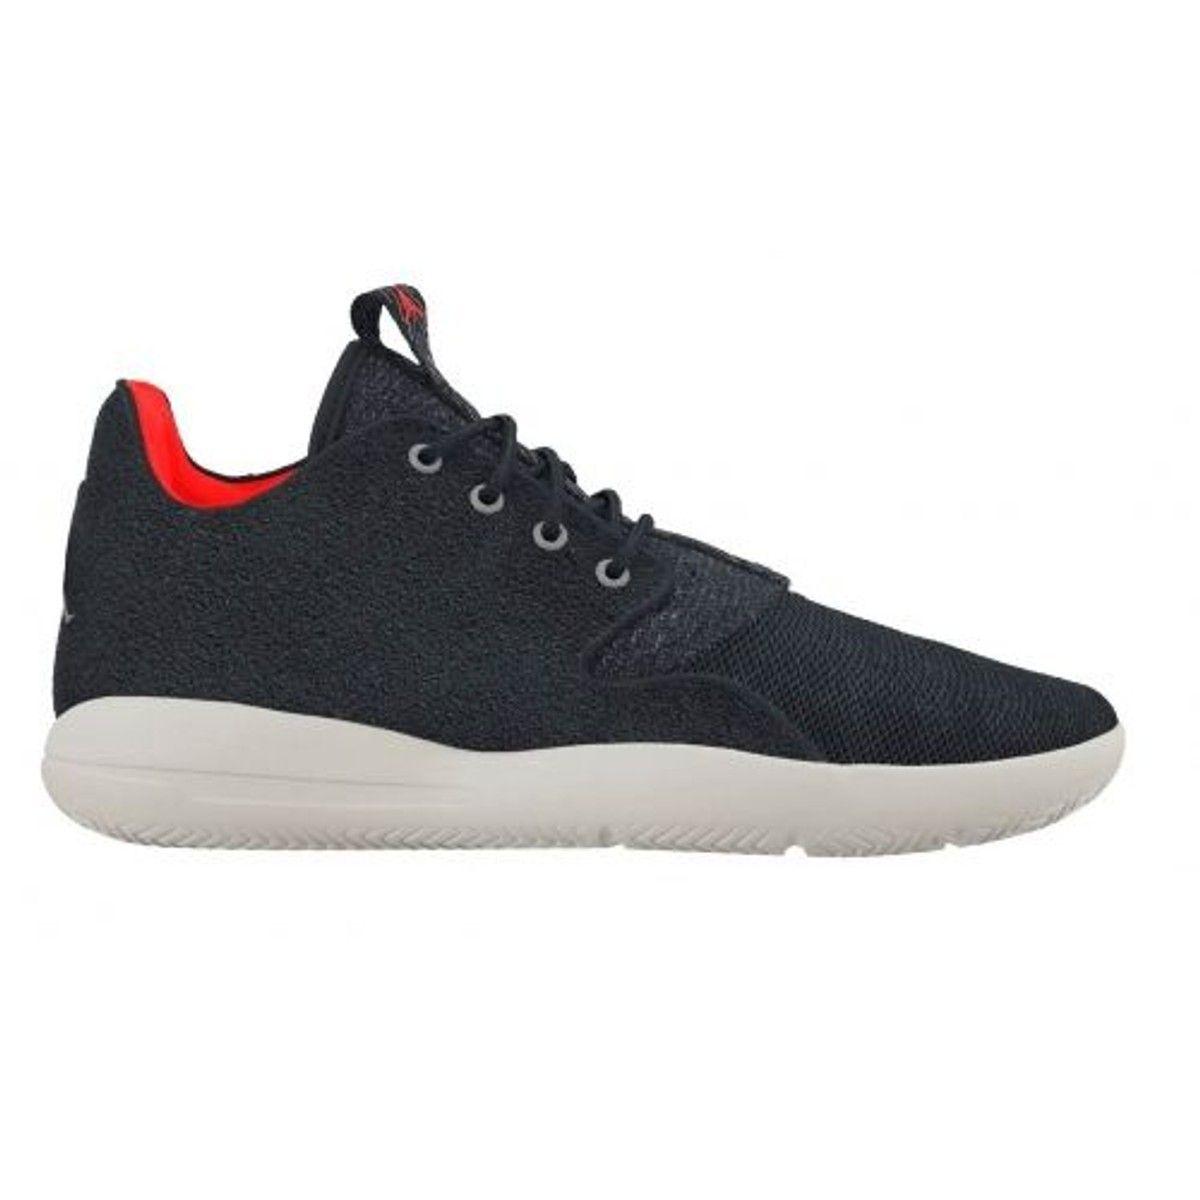 chaussures de sport 6d3f1 9a776 Eclipse (GS) Noir | Products | Baskets nike, Nike jordan et ...